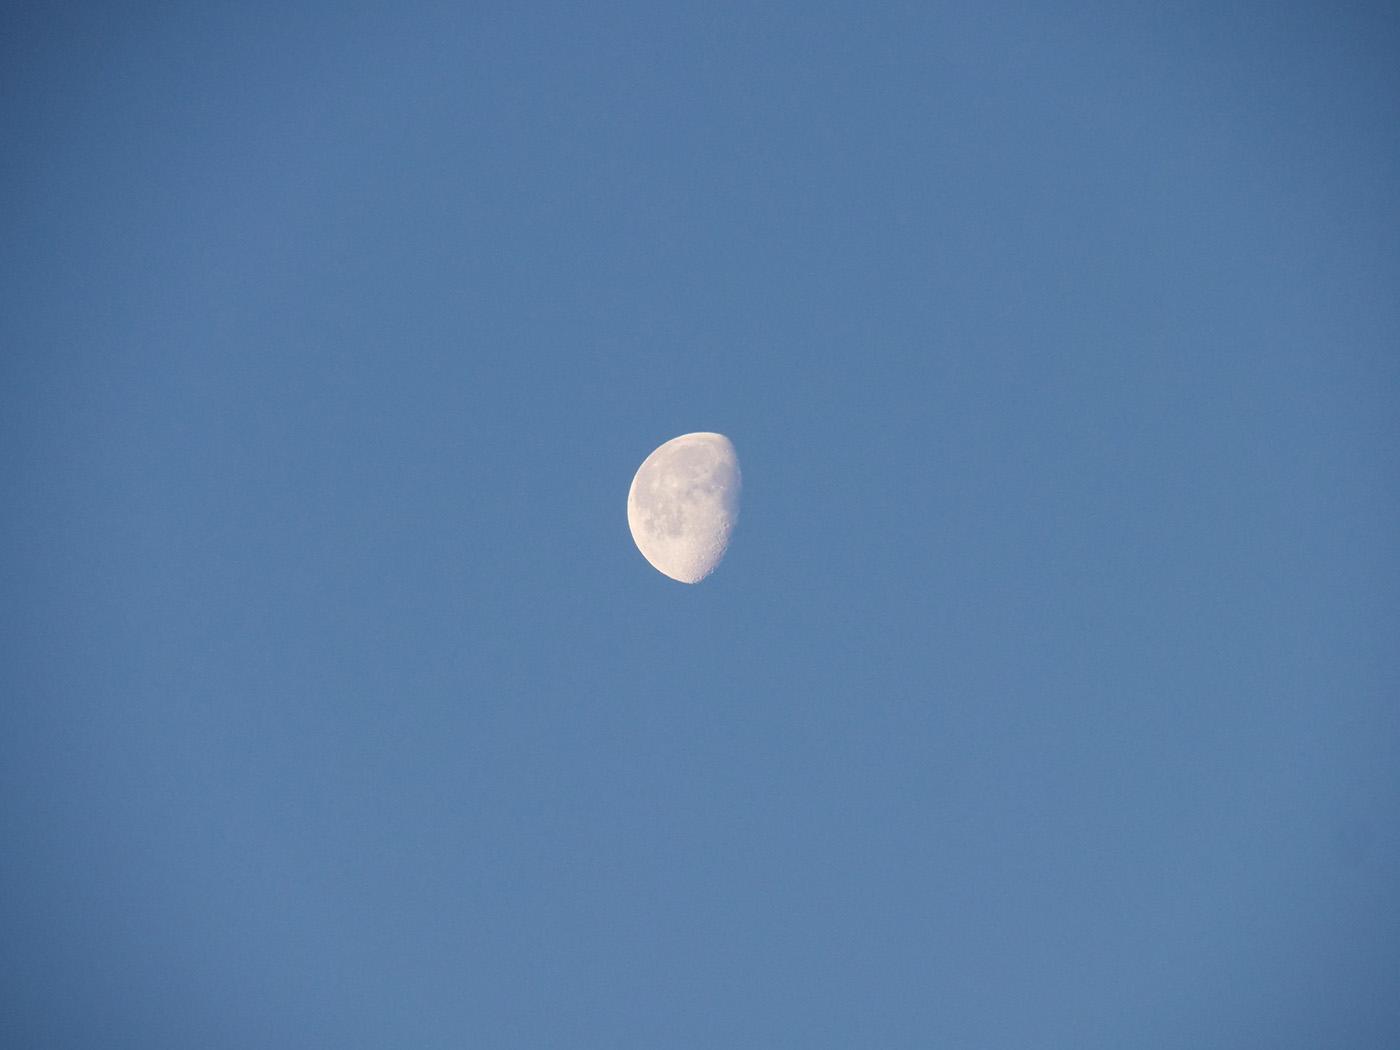 photo de lune avec télé-objectif Olympus 12-200 mm